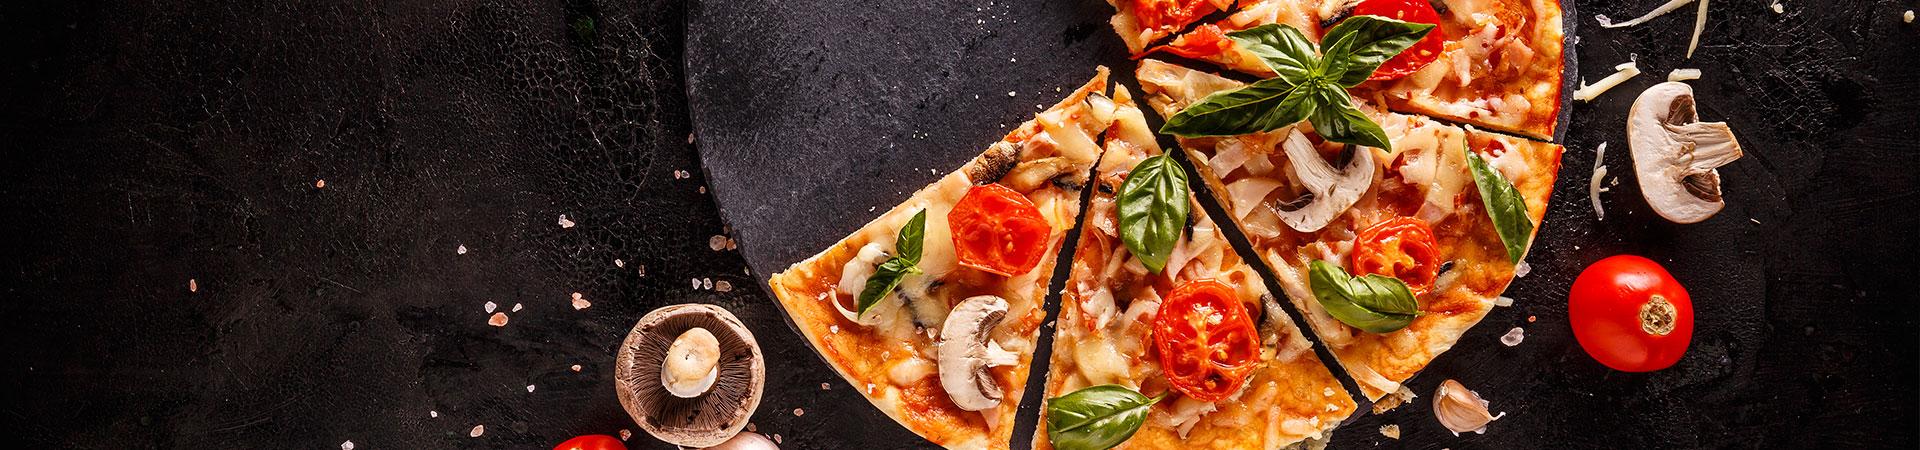 Pizze al taglio a Porto San Giorgio